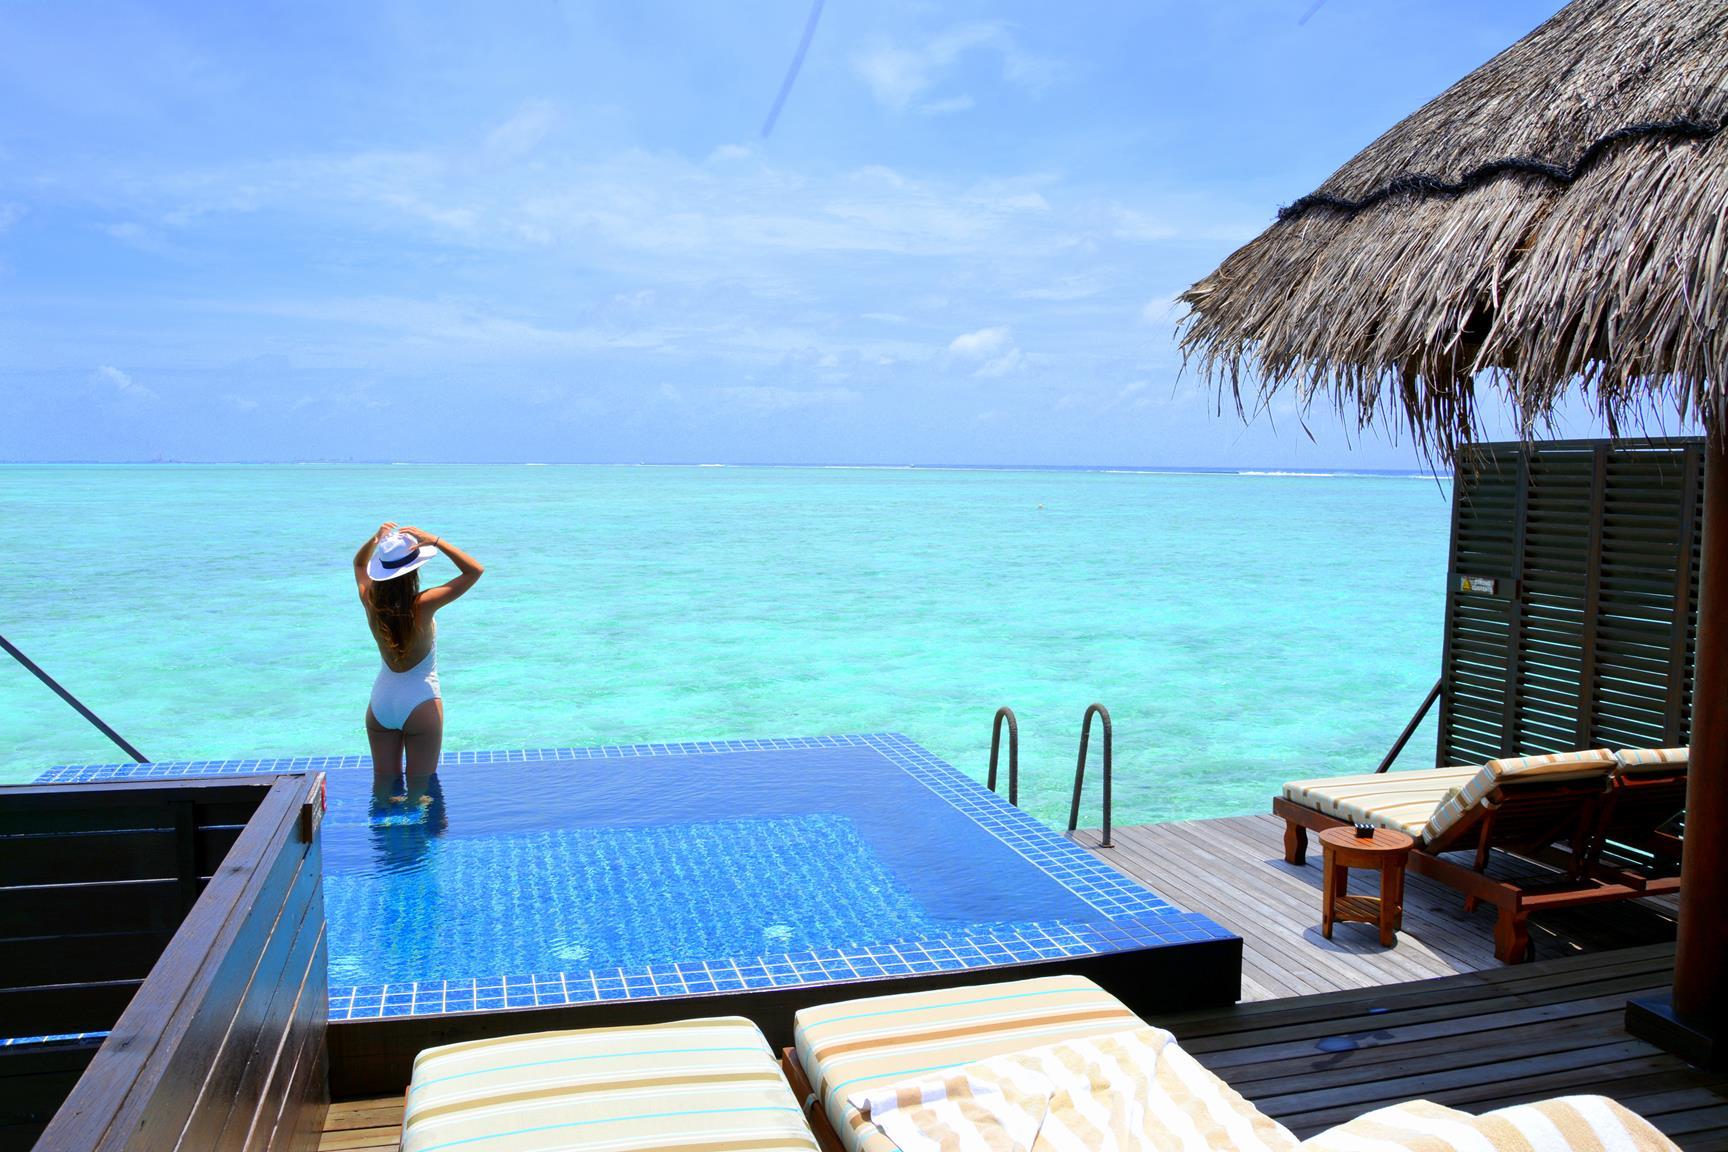 Luna de miel de cinco semanas for Los mejores hoteles de maldivas